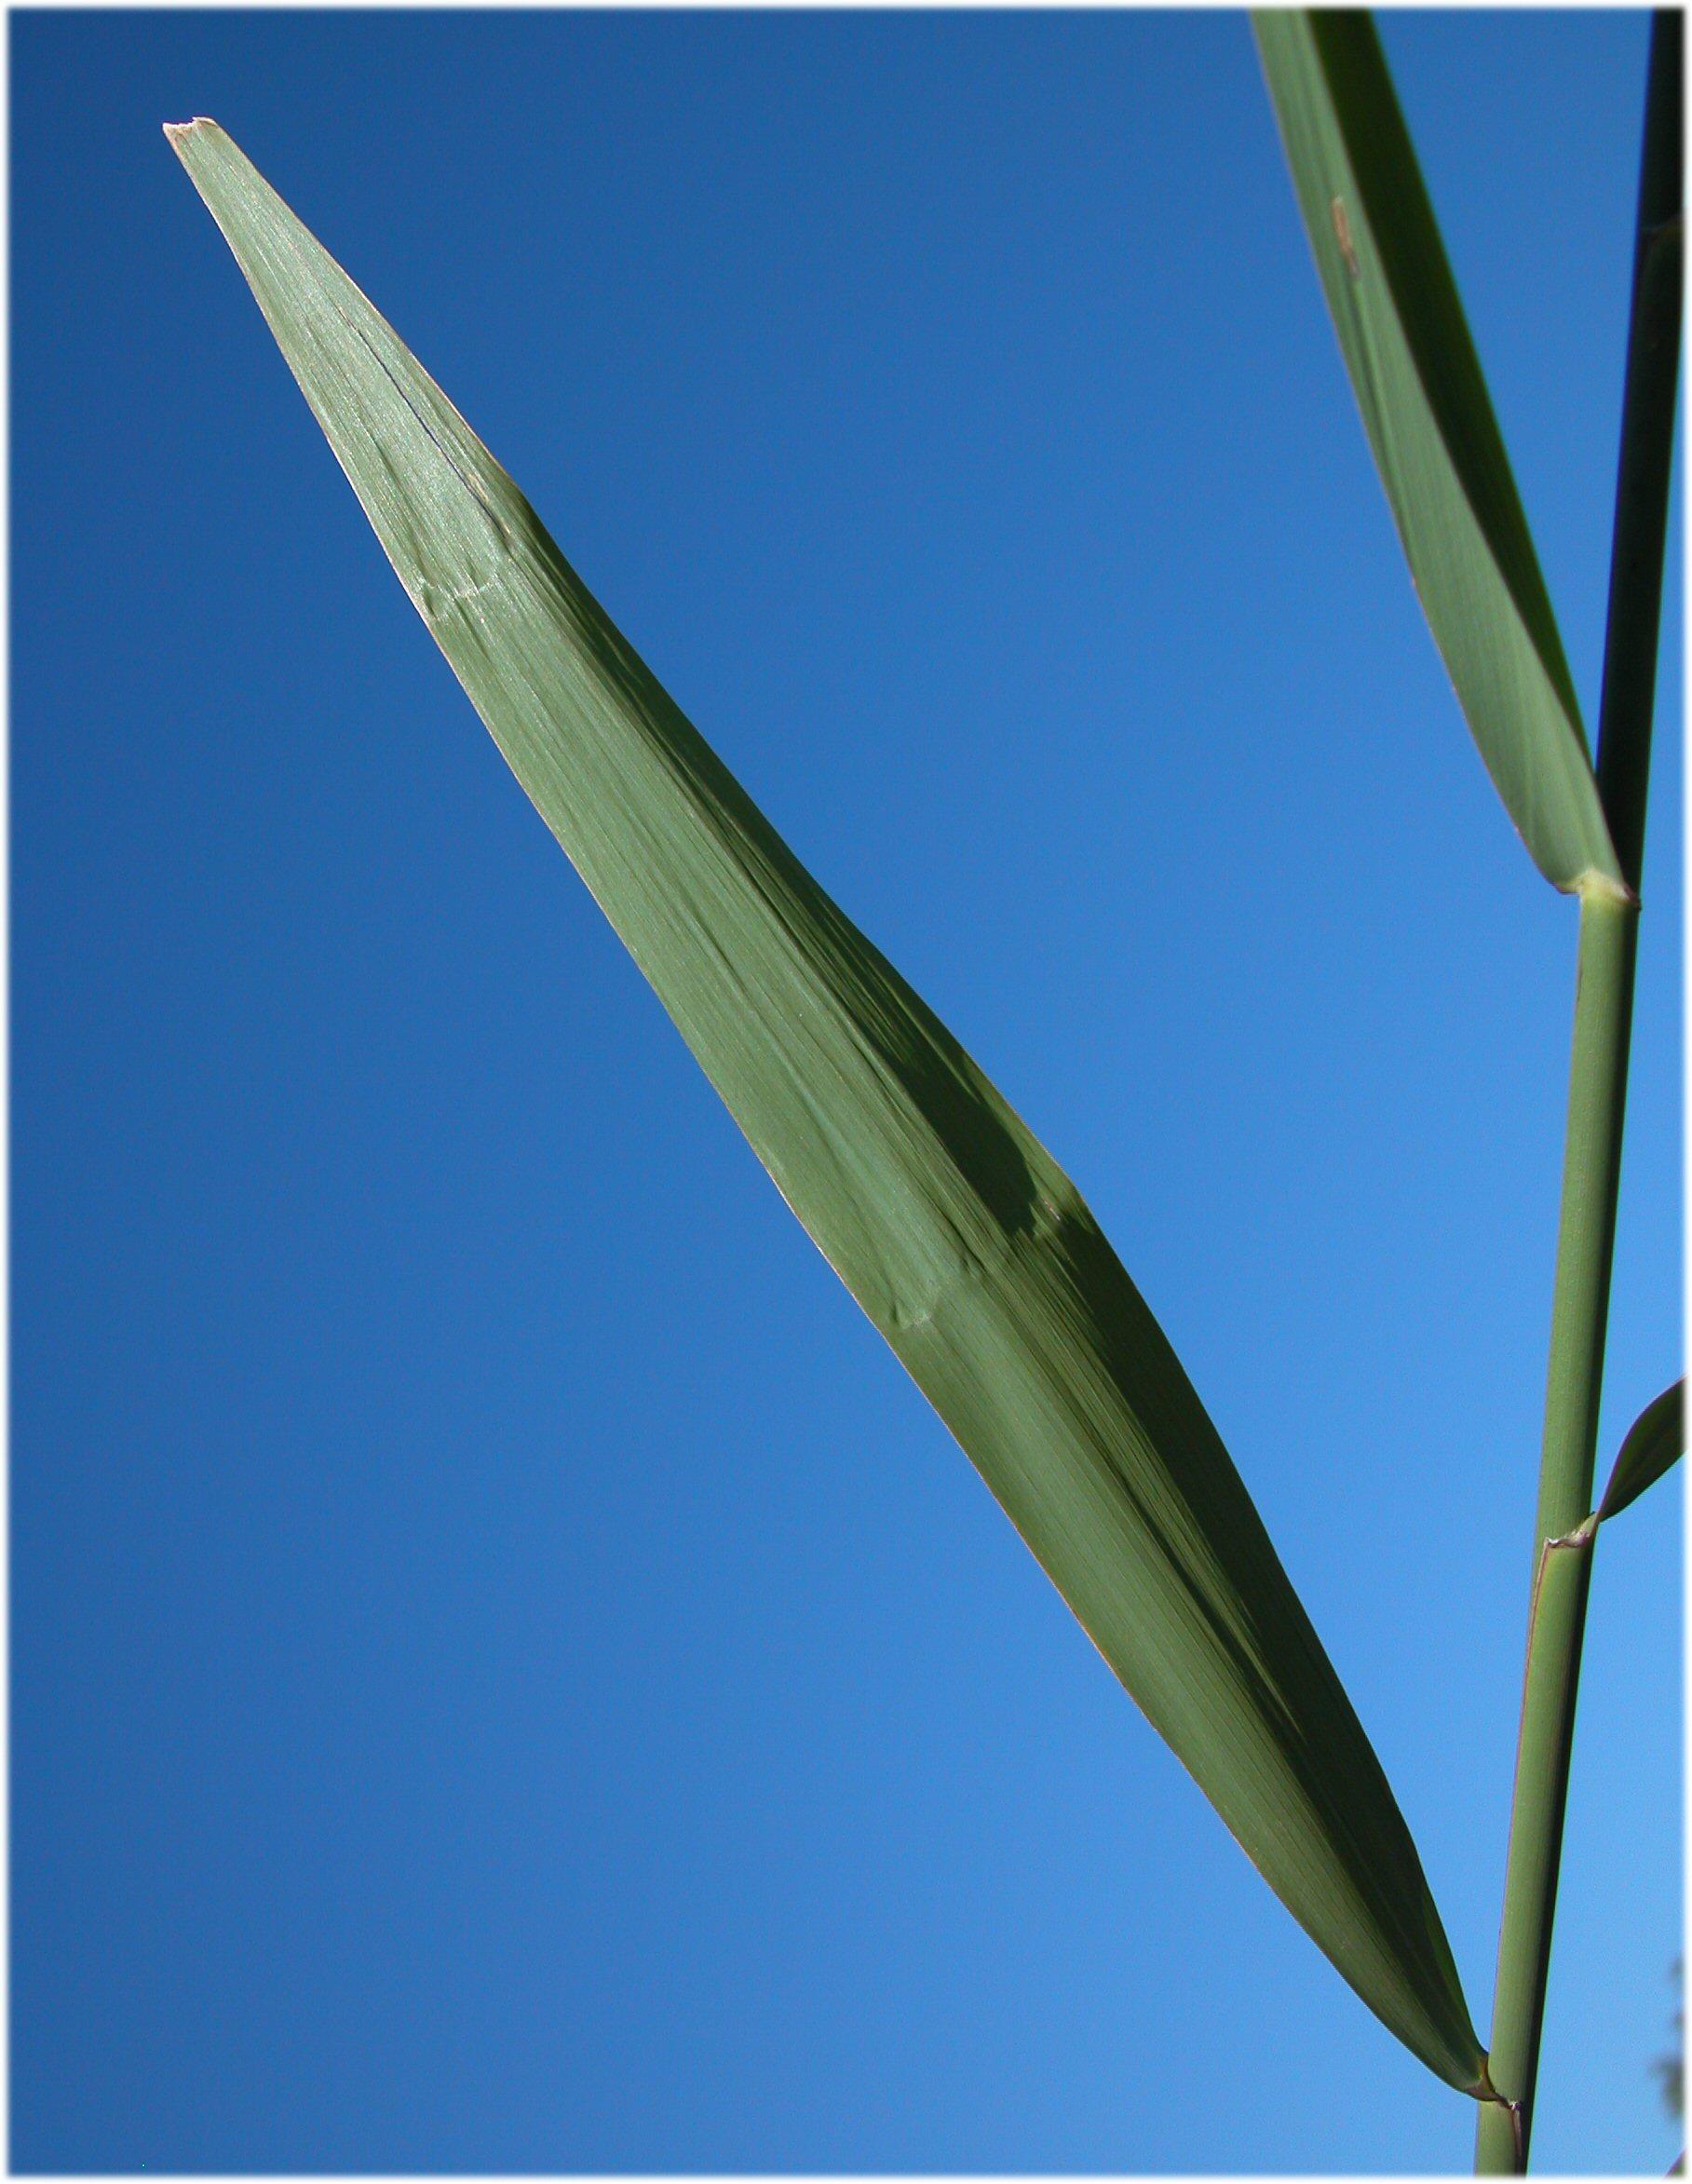 © Dipartimento di Scienze della Vita, Università degli Studi di Trieste<br>by Andrea Moro<br>Comune di Aquileia, lungo una strada ai margini dell'abitato. , UD, FVG, Italia, 26/9/04 0.00.00<br>Distributed under CC-BY-SA 4.0 license.